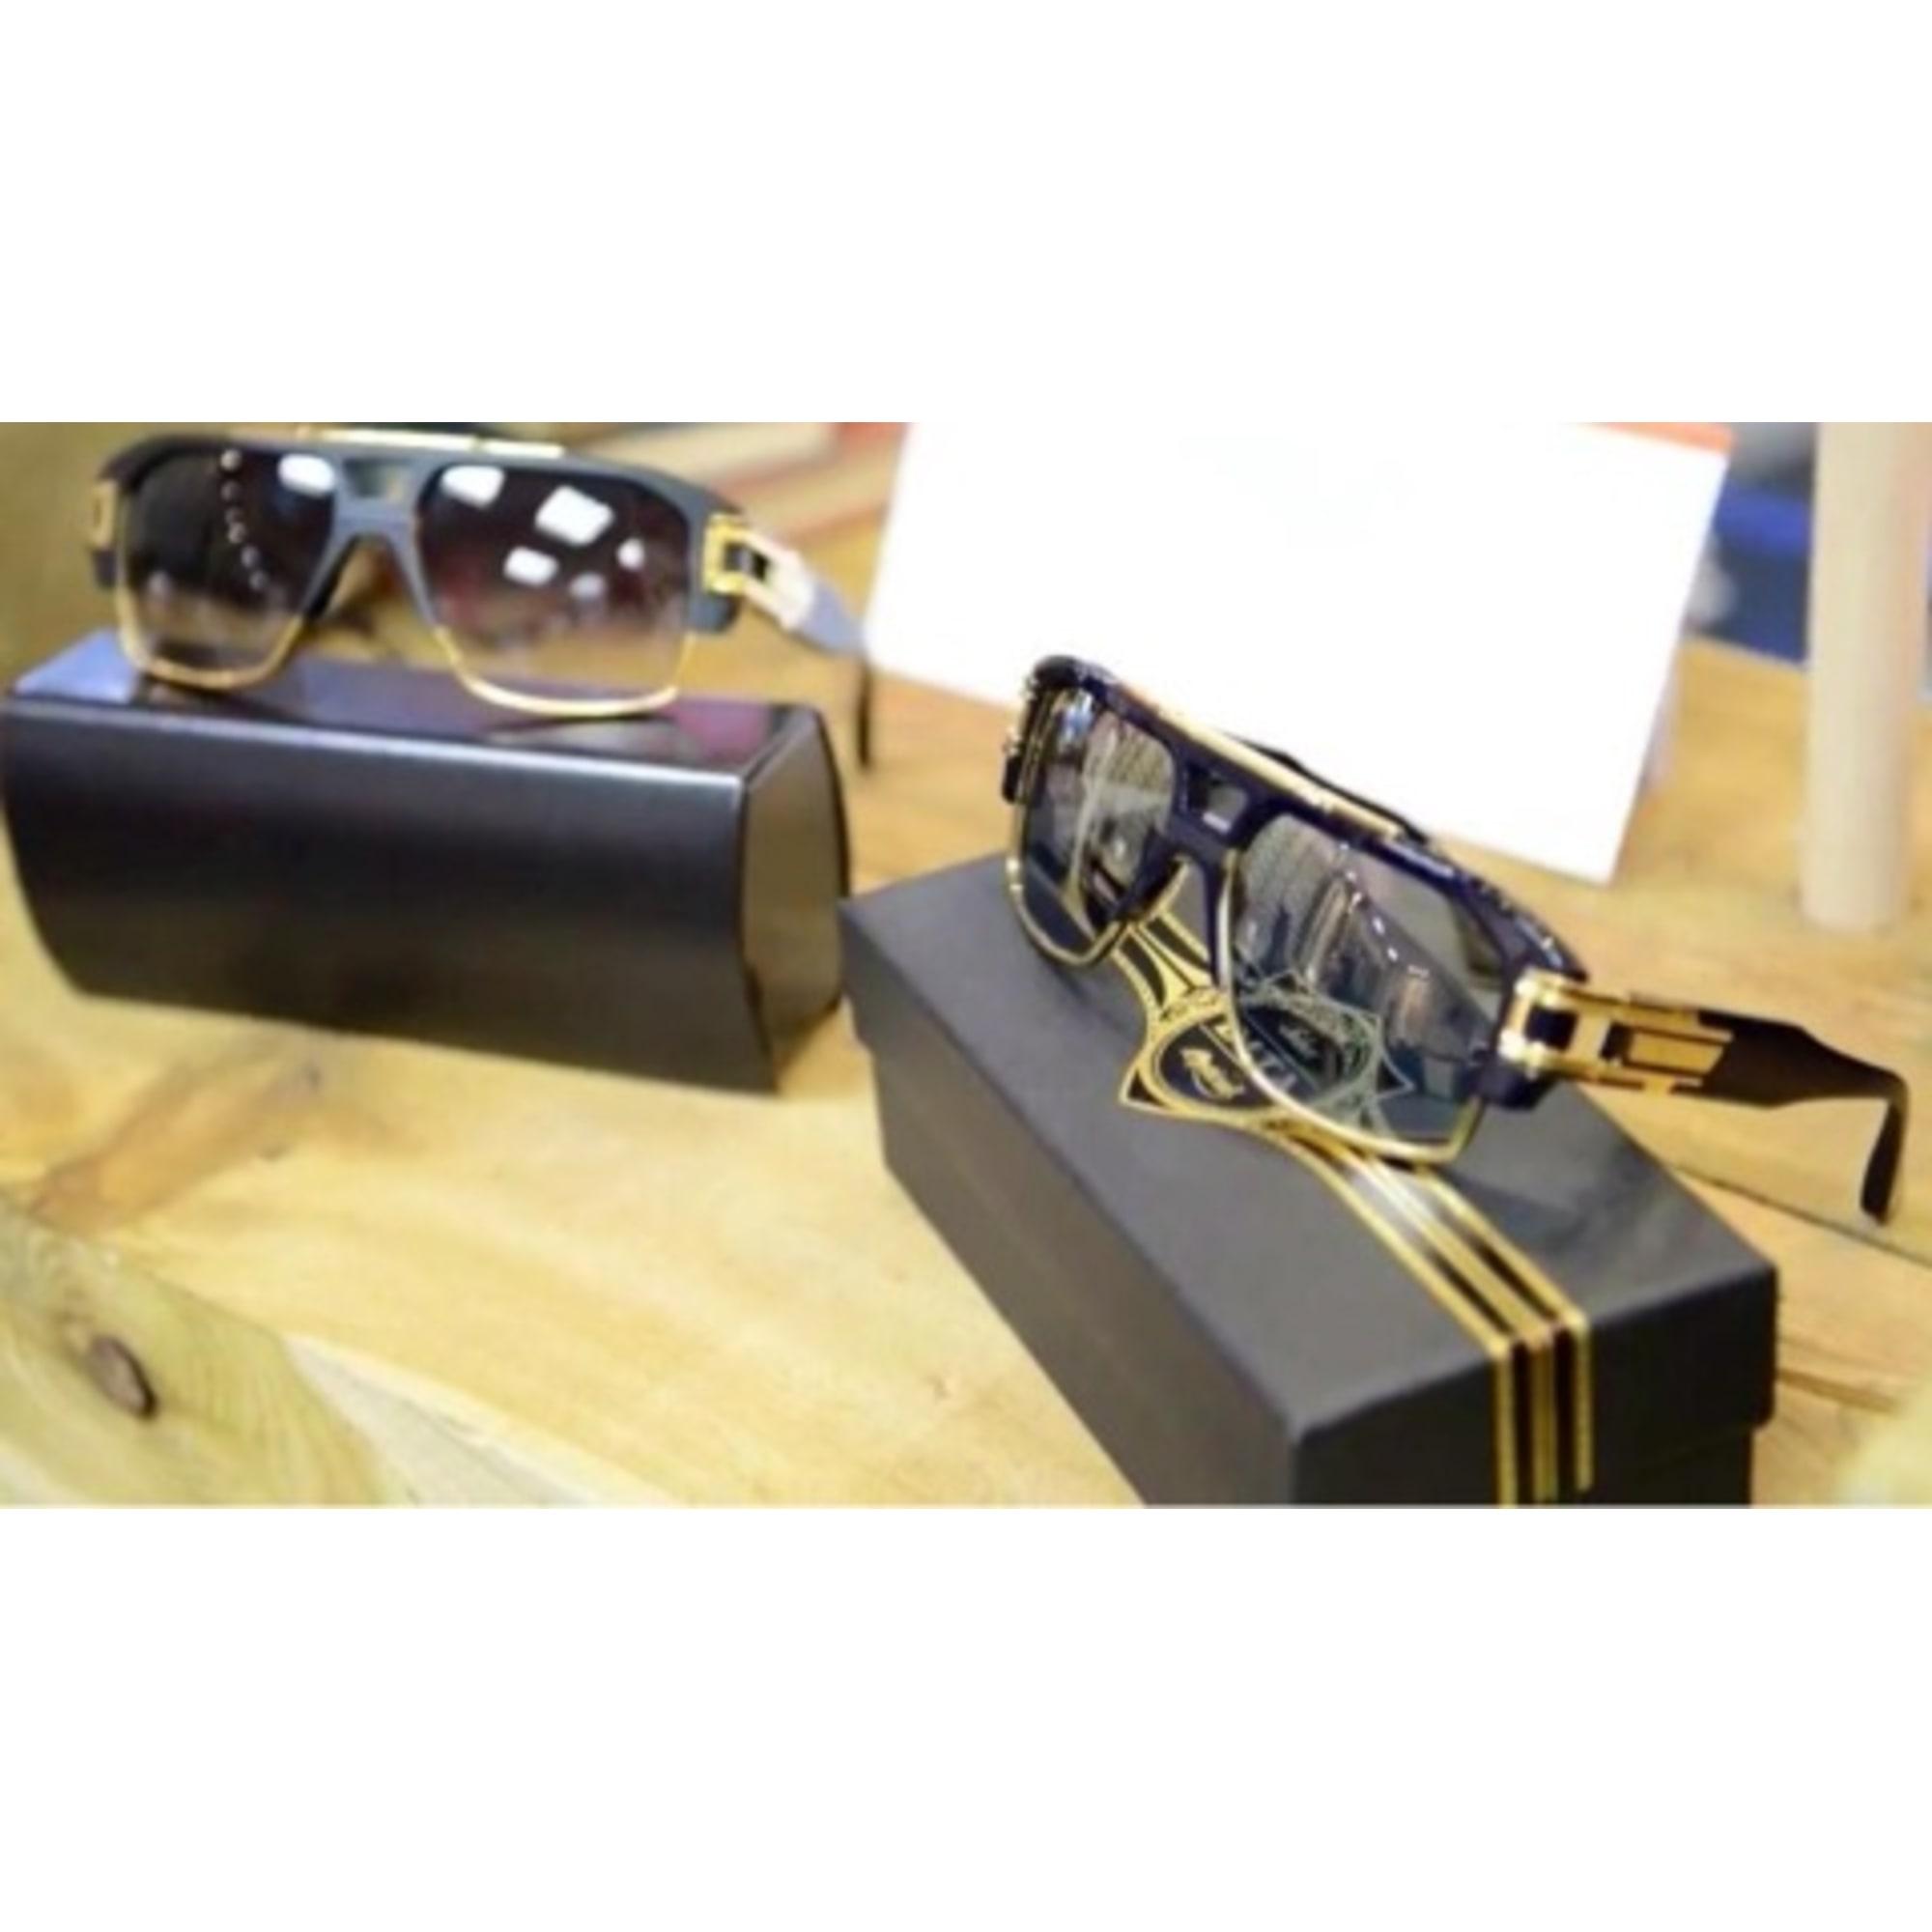 Lunettes de soleil DITA gold titanium 18k vendu par Jonathan ... ab983e8a504c